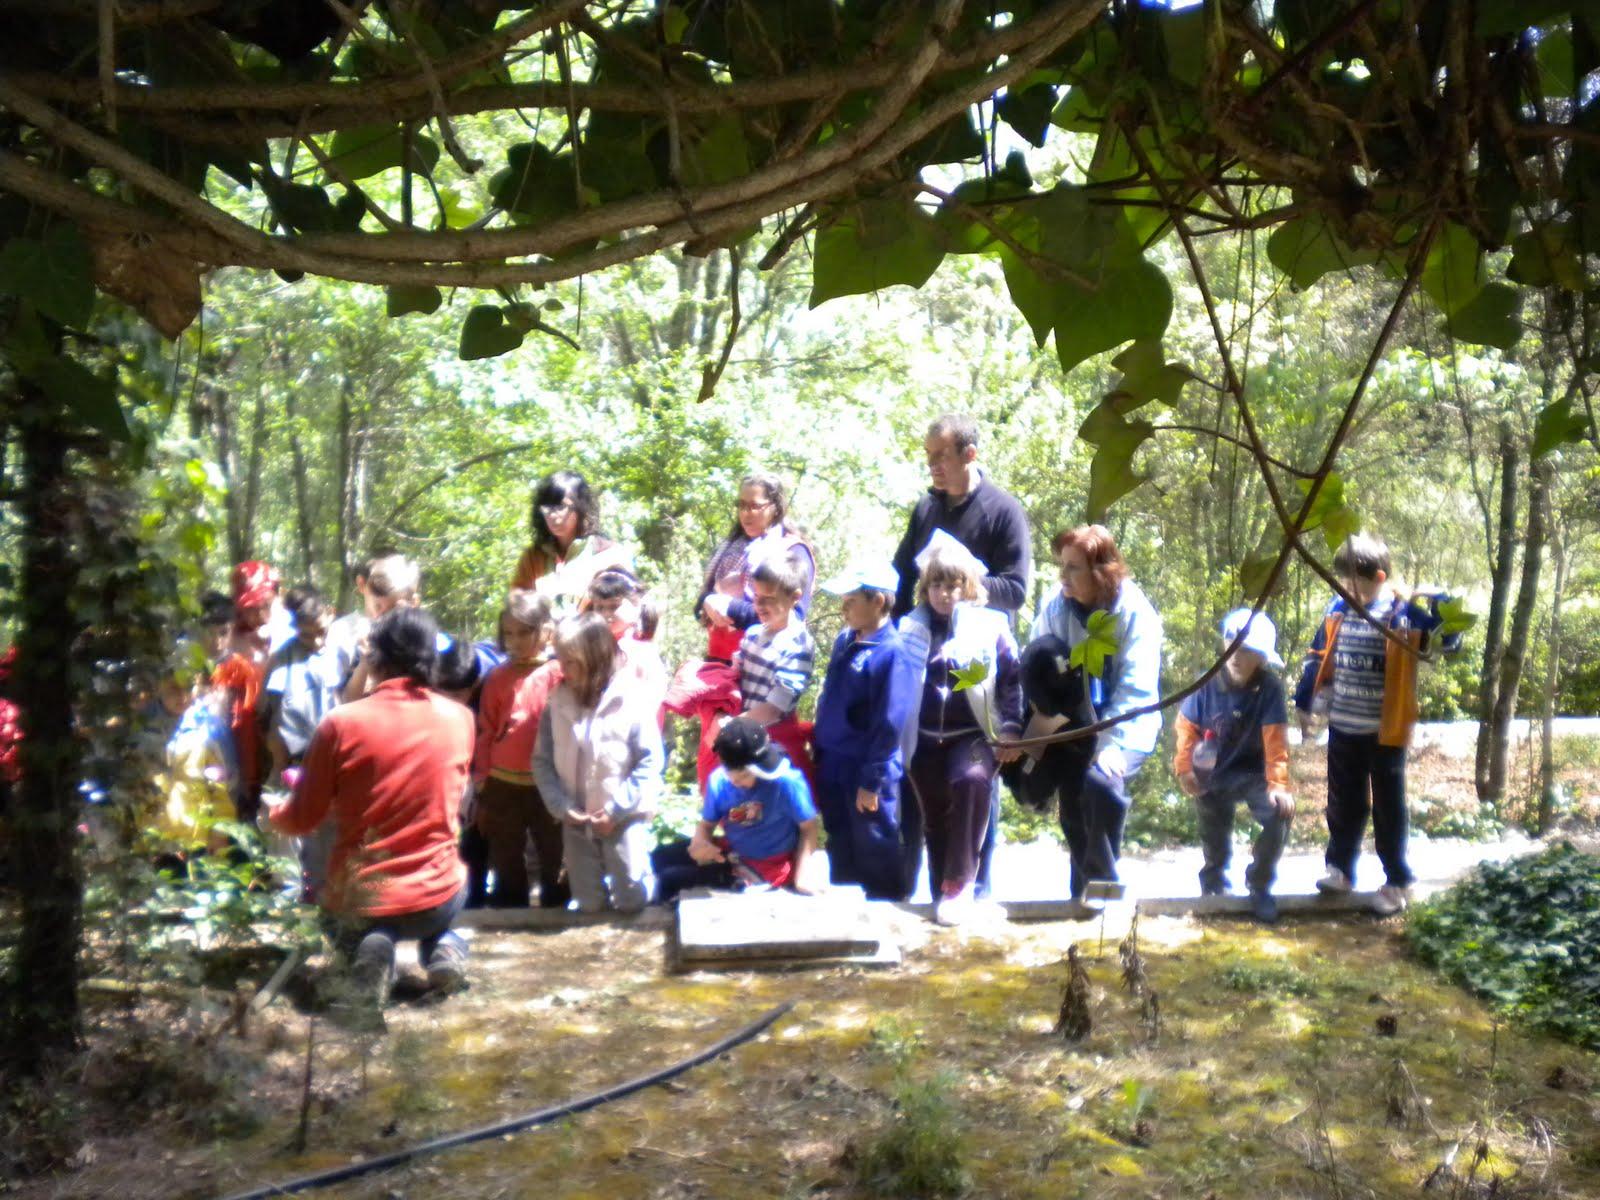 La ecoescuela del ceip antonio machado taller de ecologia for Talleres jardin botanico